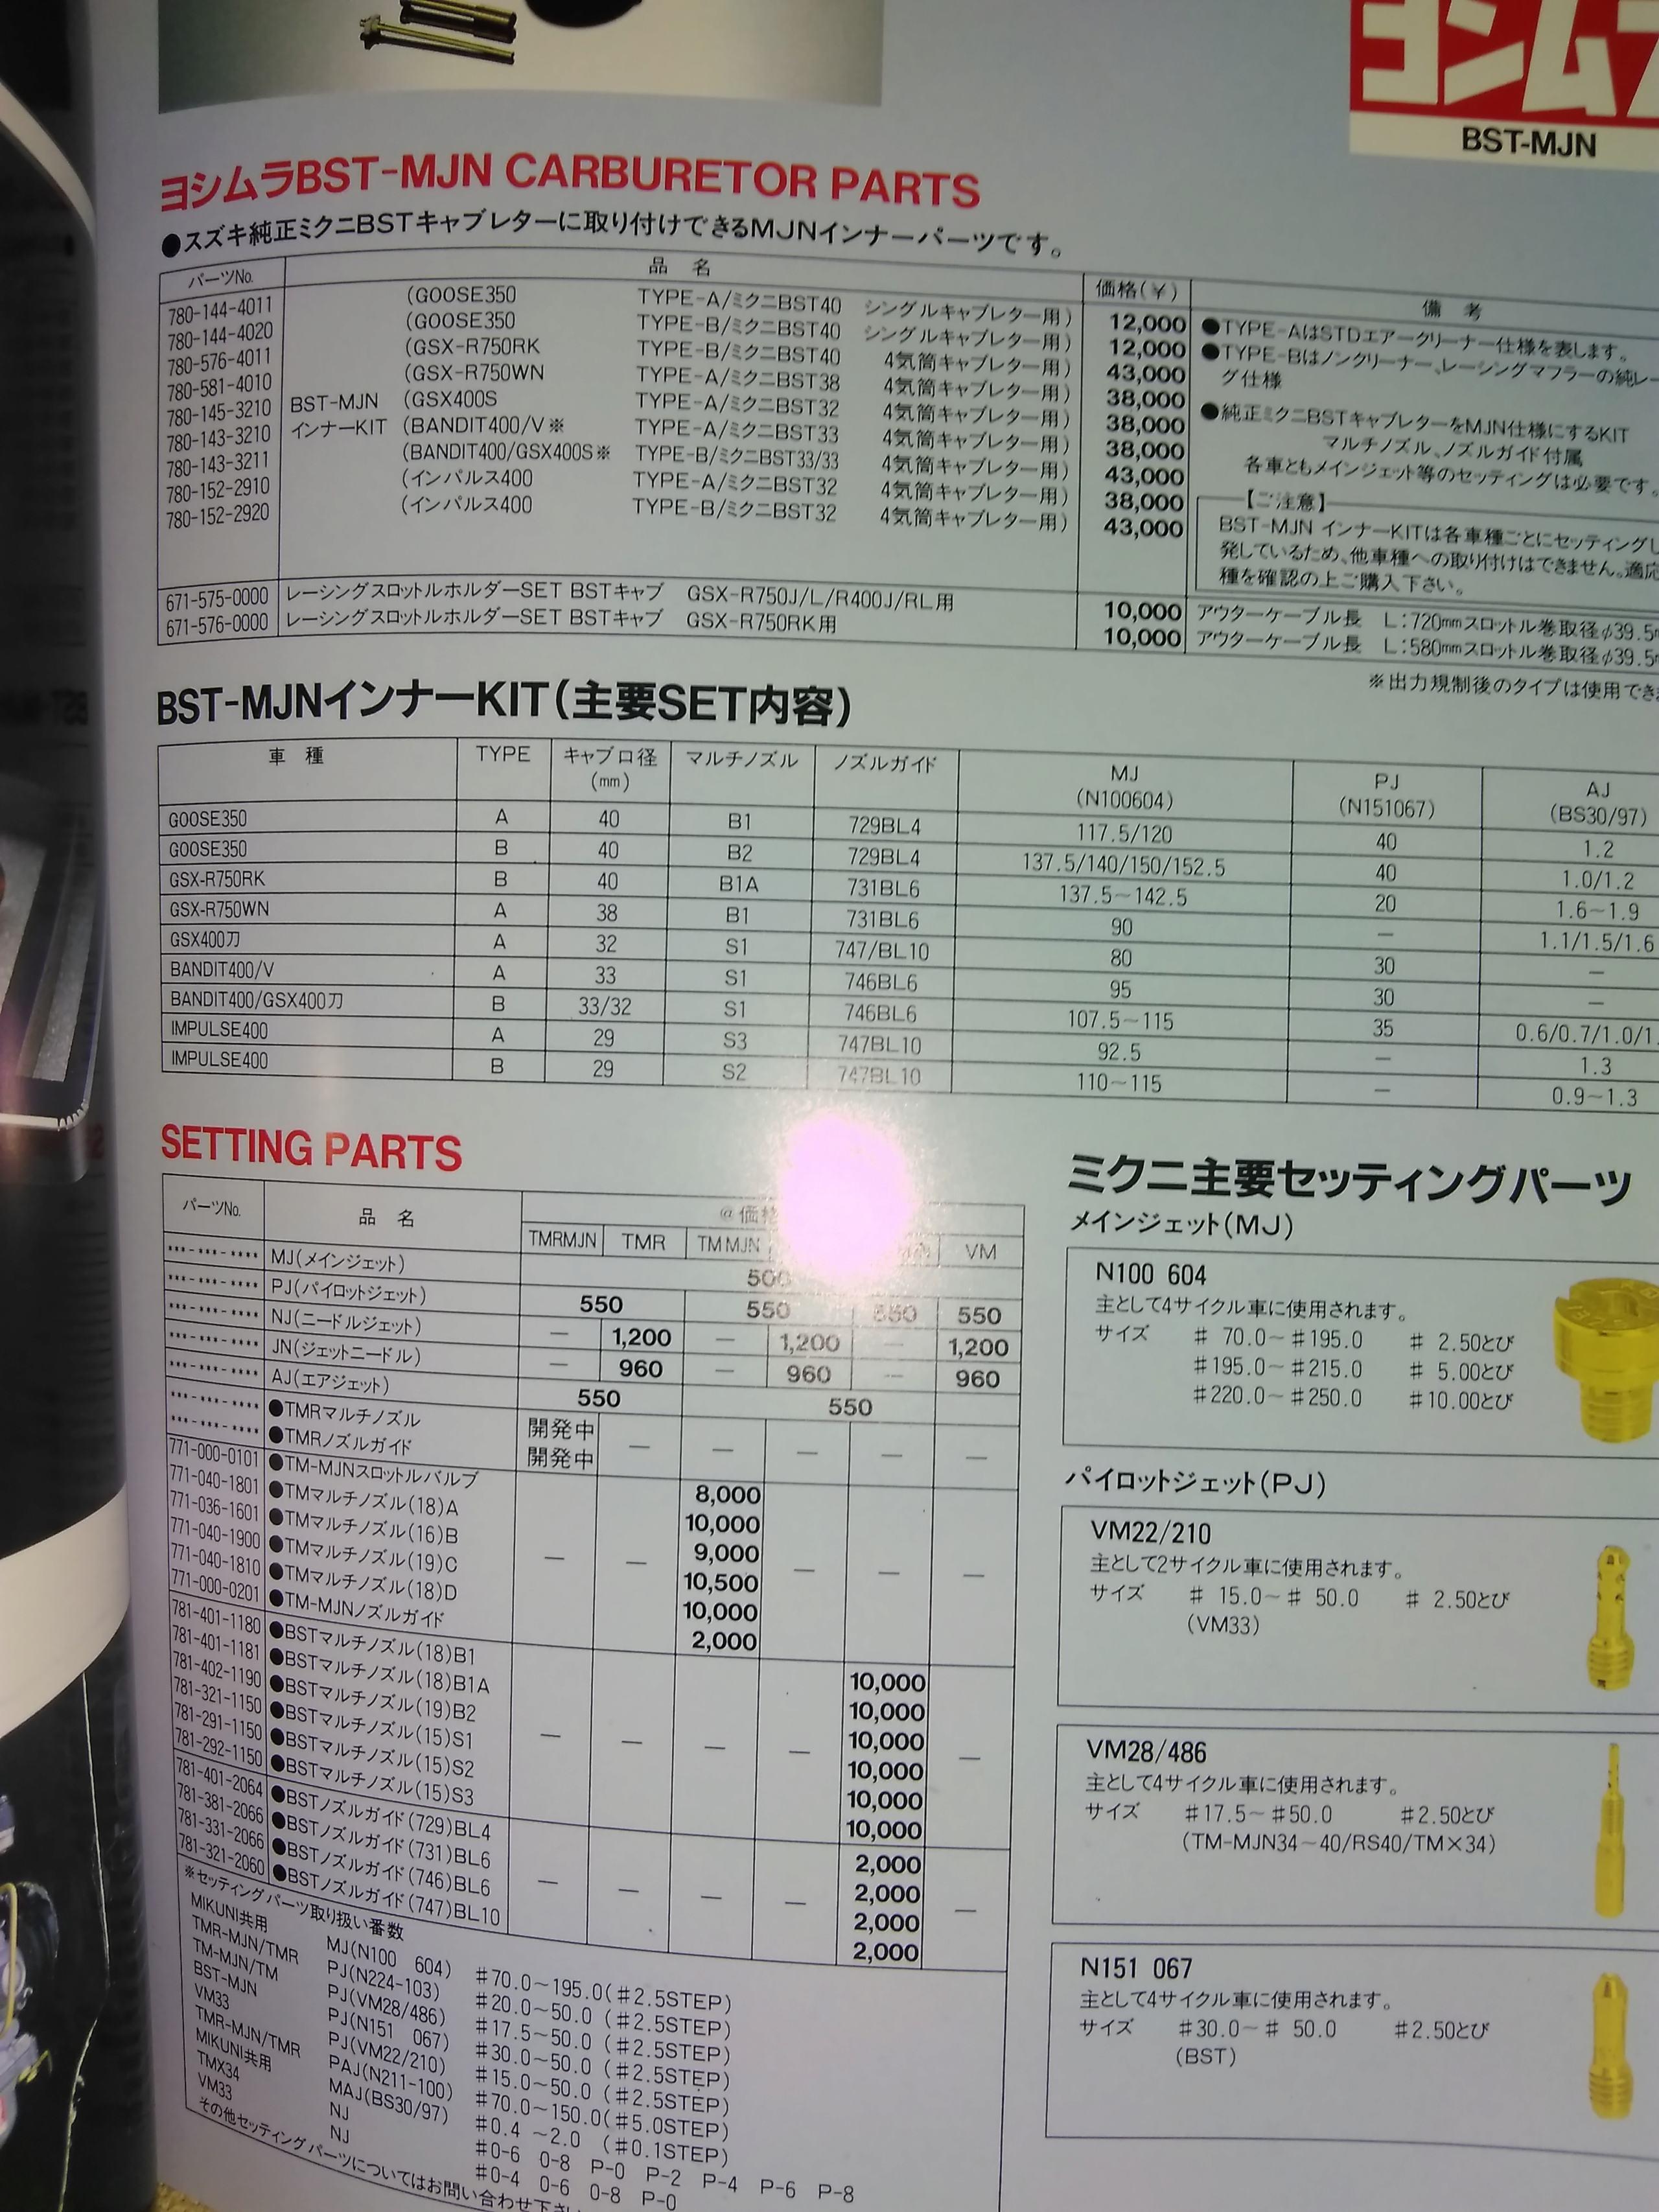 ATENCION, porno duro: Catalogo de chuches Yoshimura 93-95 Img_2022